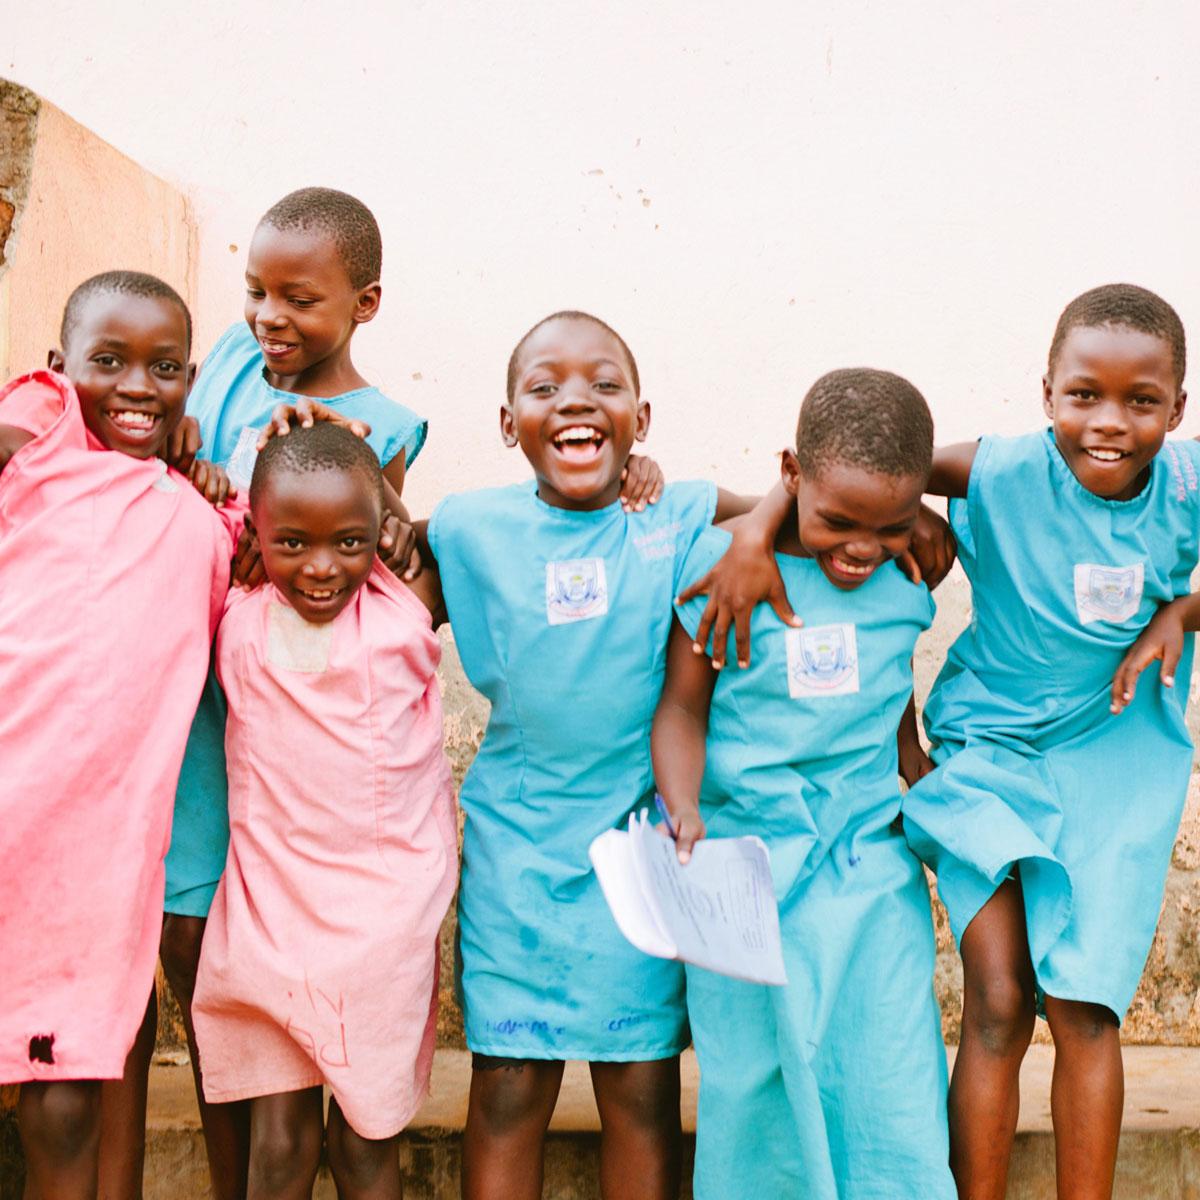 kurandza-mozambique-women.jpg